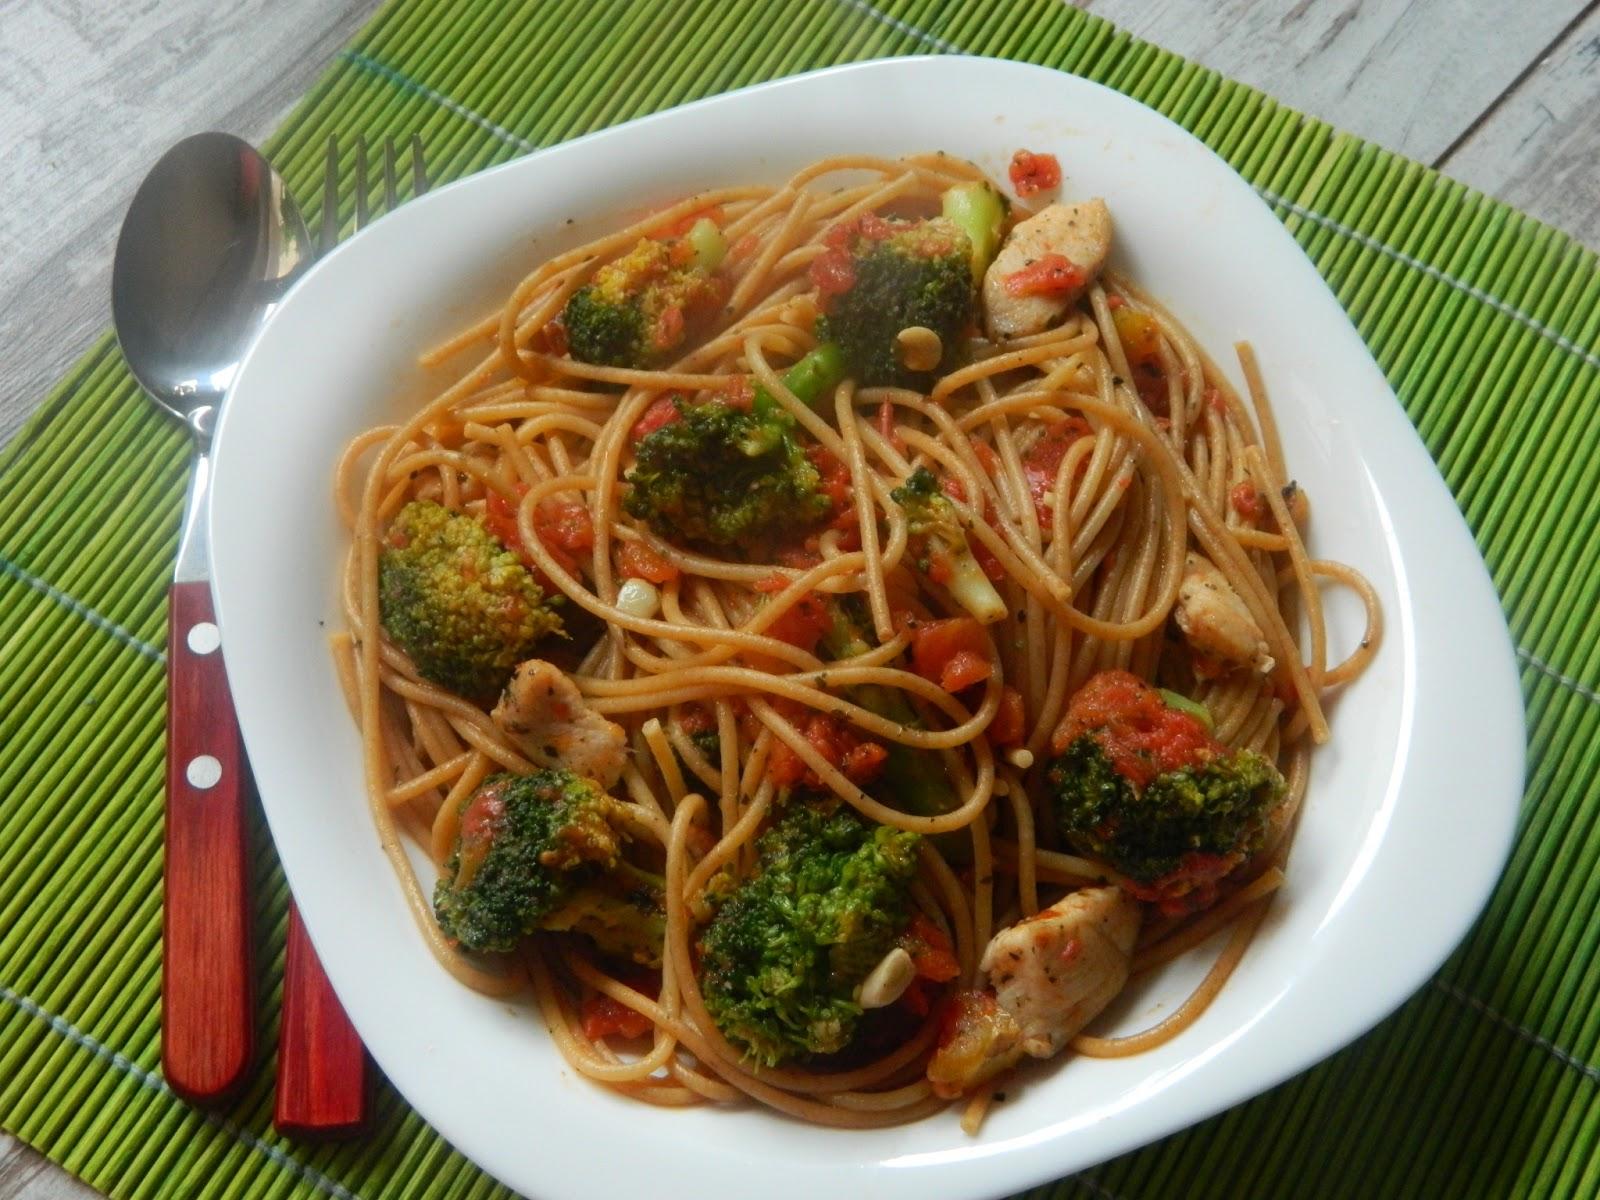 Spaghetti integrale cu broccoli si piept de pui